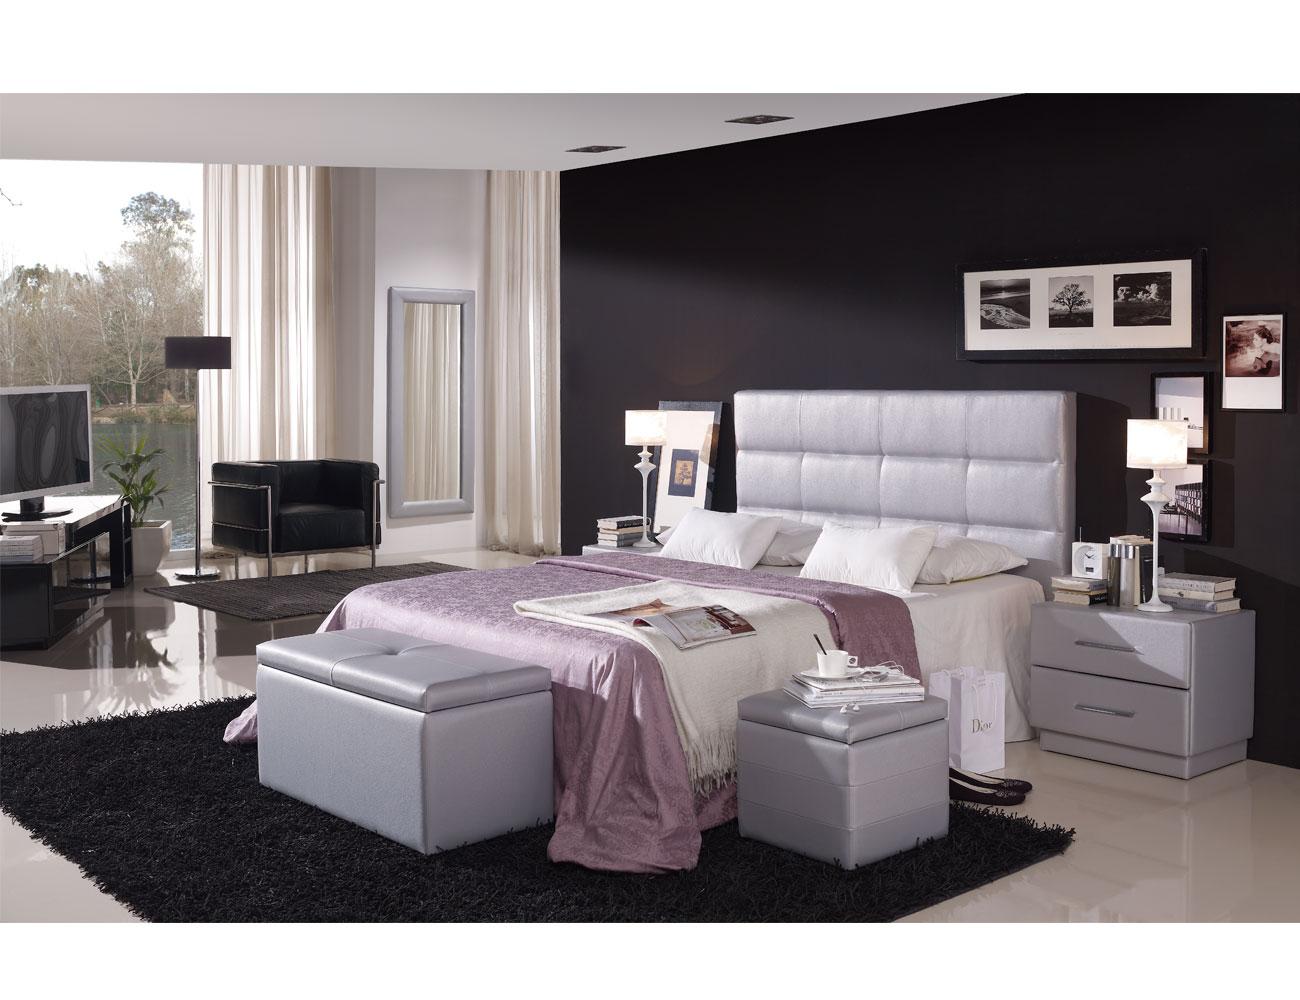 23 marco tapizado dormitorio9